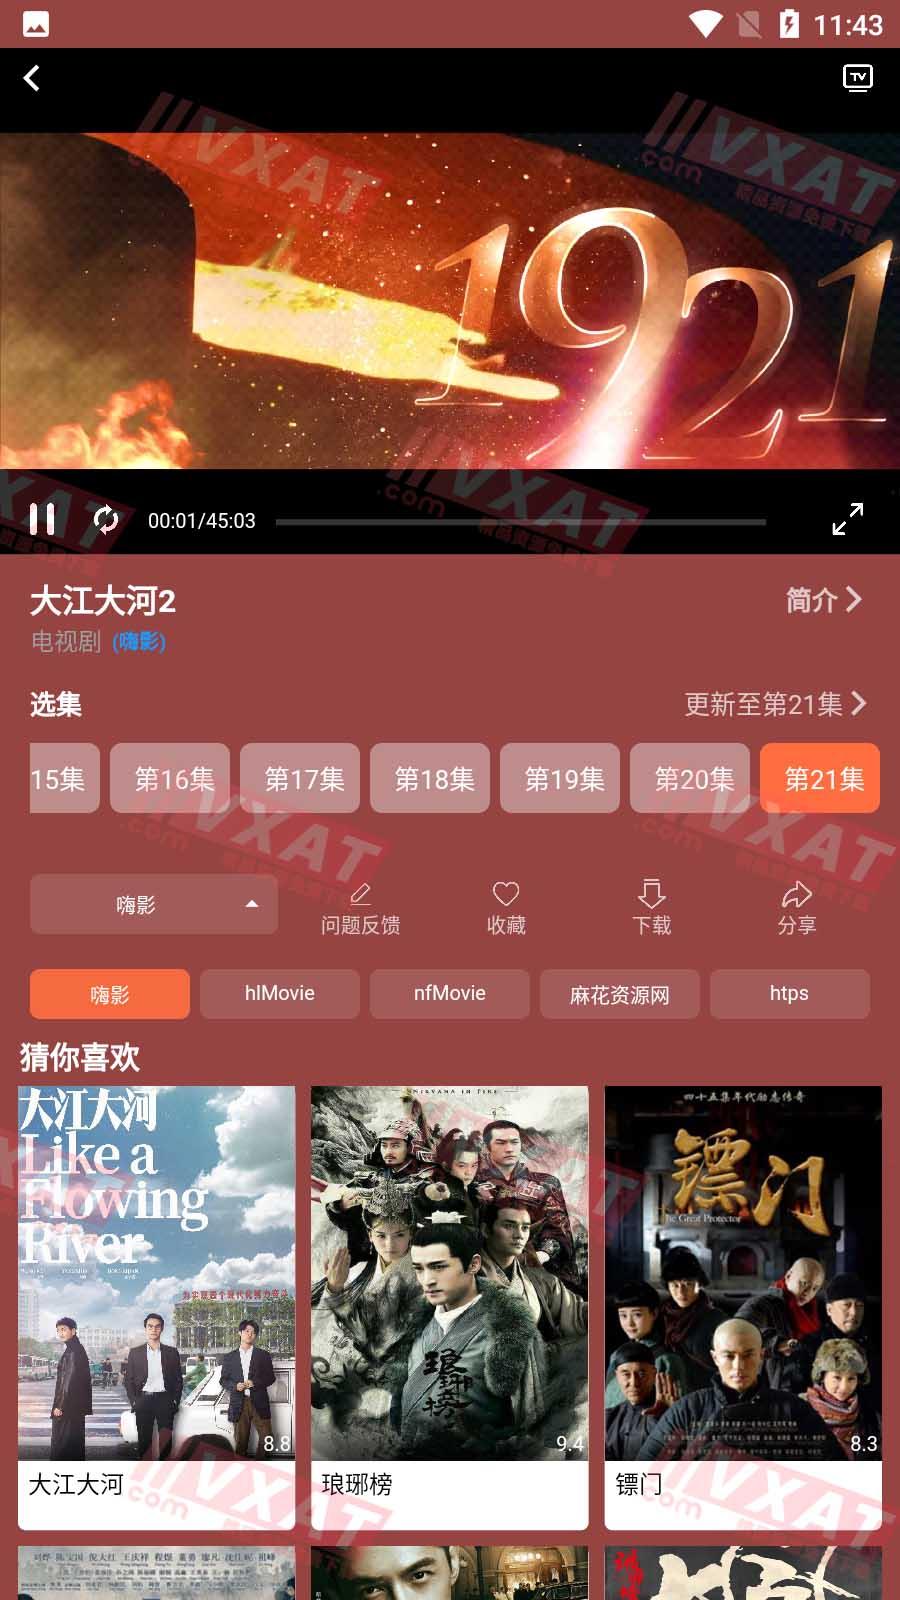 海豚影视 v4.4.6 最新去广告安卓版 第2张